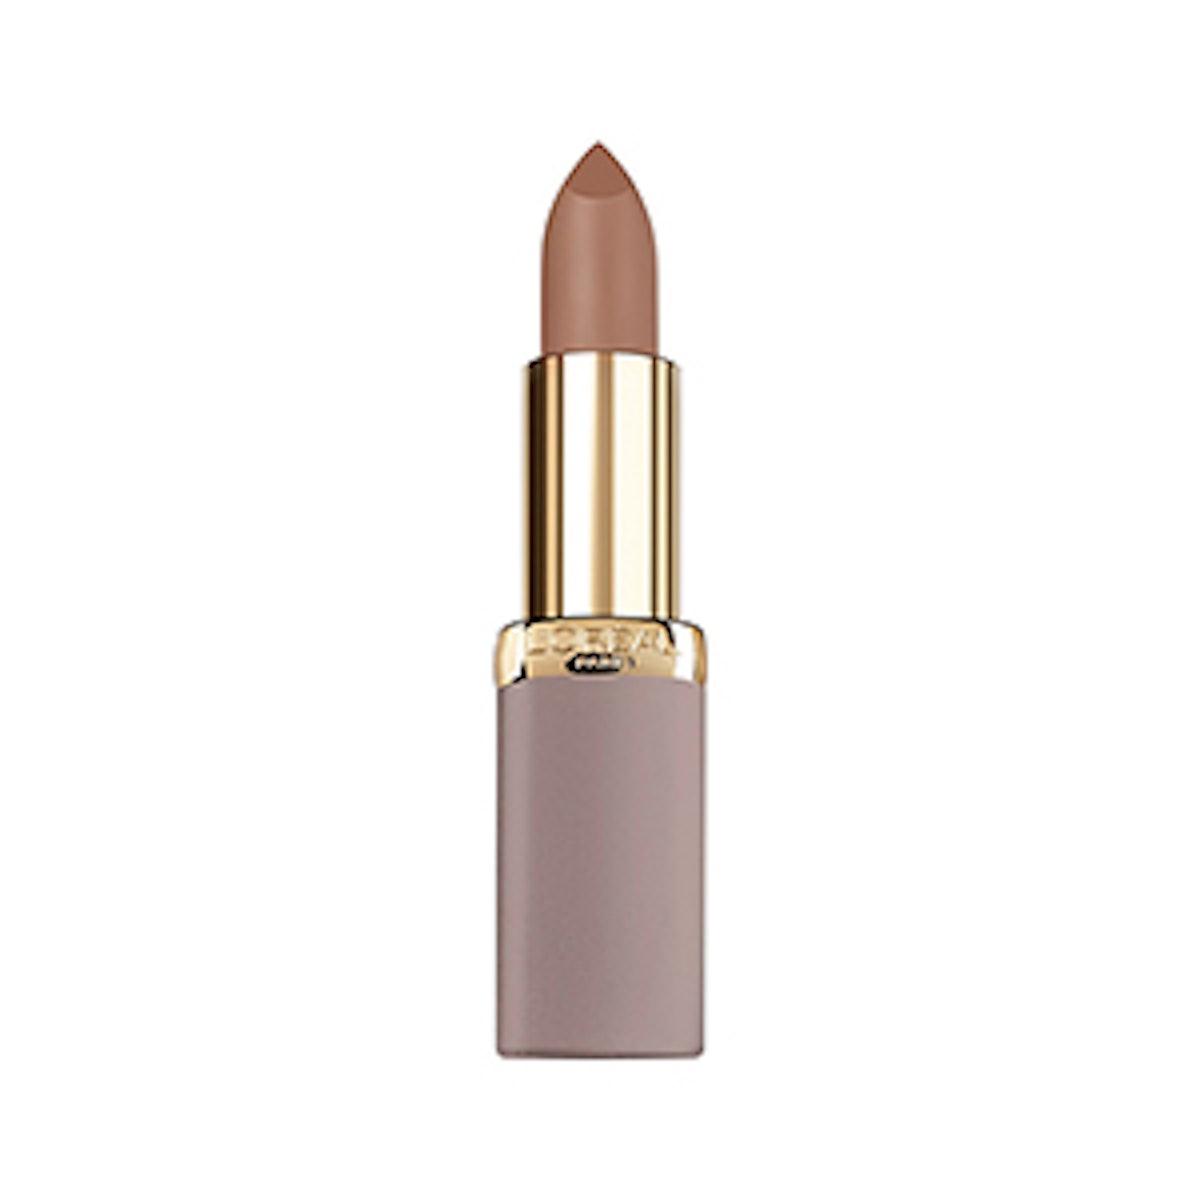 L'Oréal Colour Riche Ultra Matte Nude Lipstick